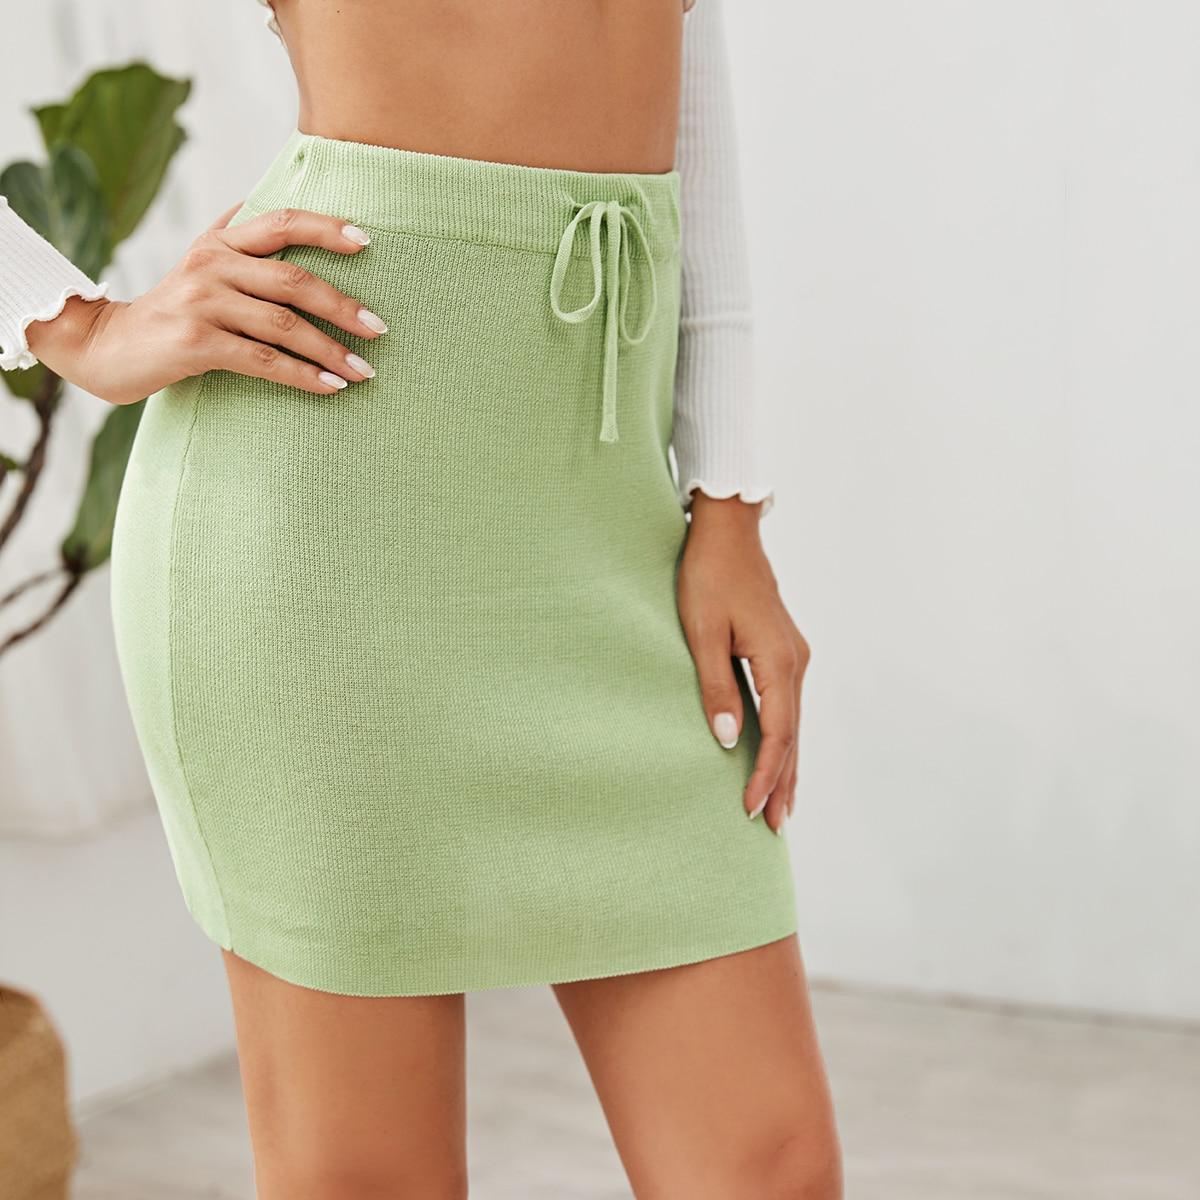 Однотонная юбка на кулиске фото